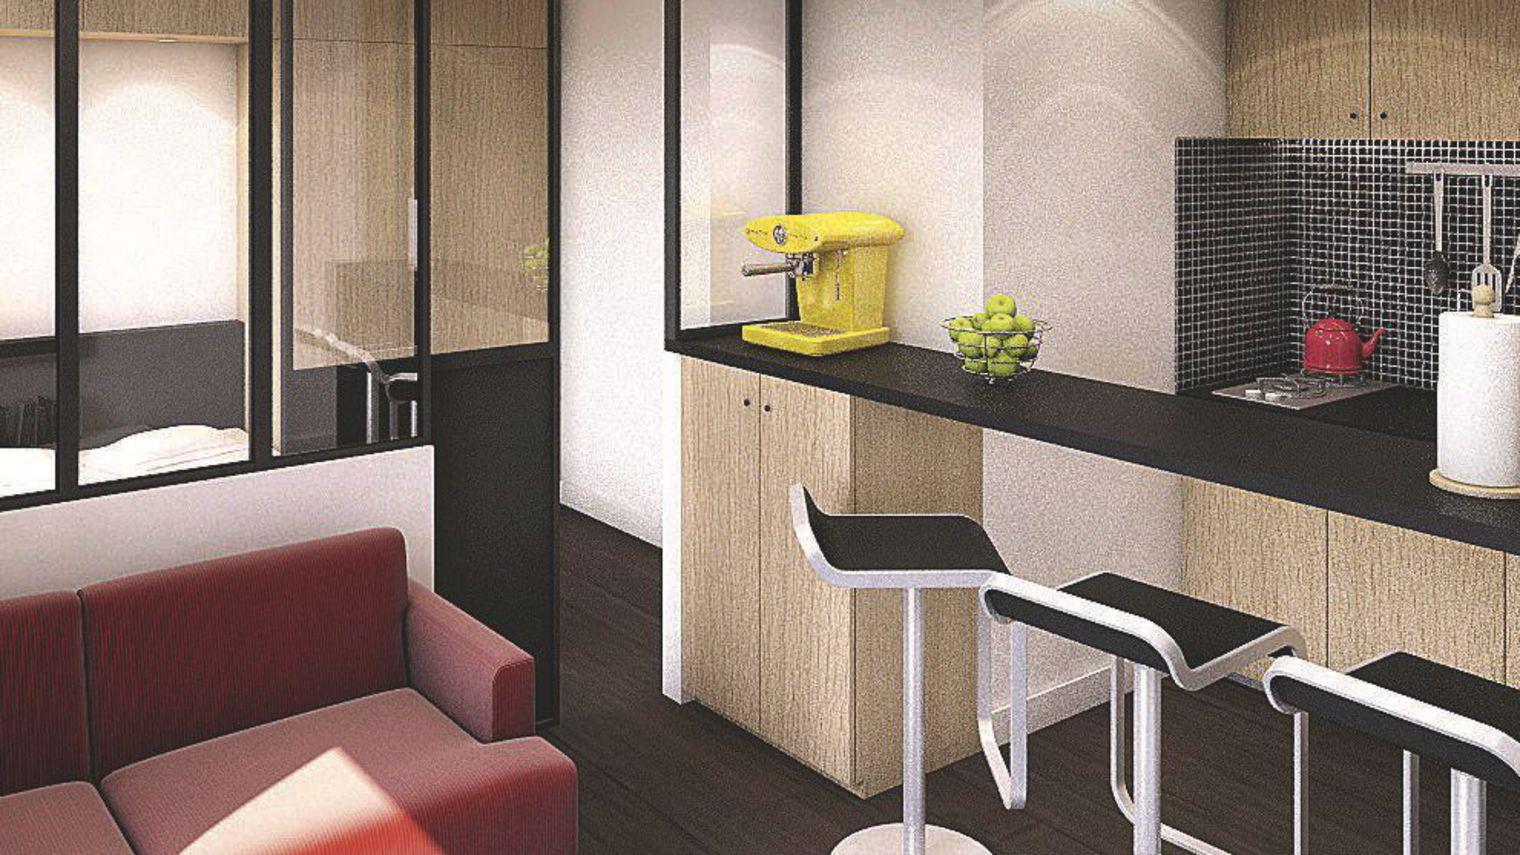 code avantage interflora j 39 utilise ce bon plan pour mes conomies. Black Bedroom Furniture Sets. Home Design Ideas